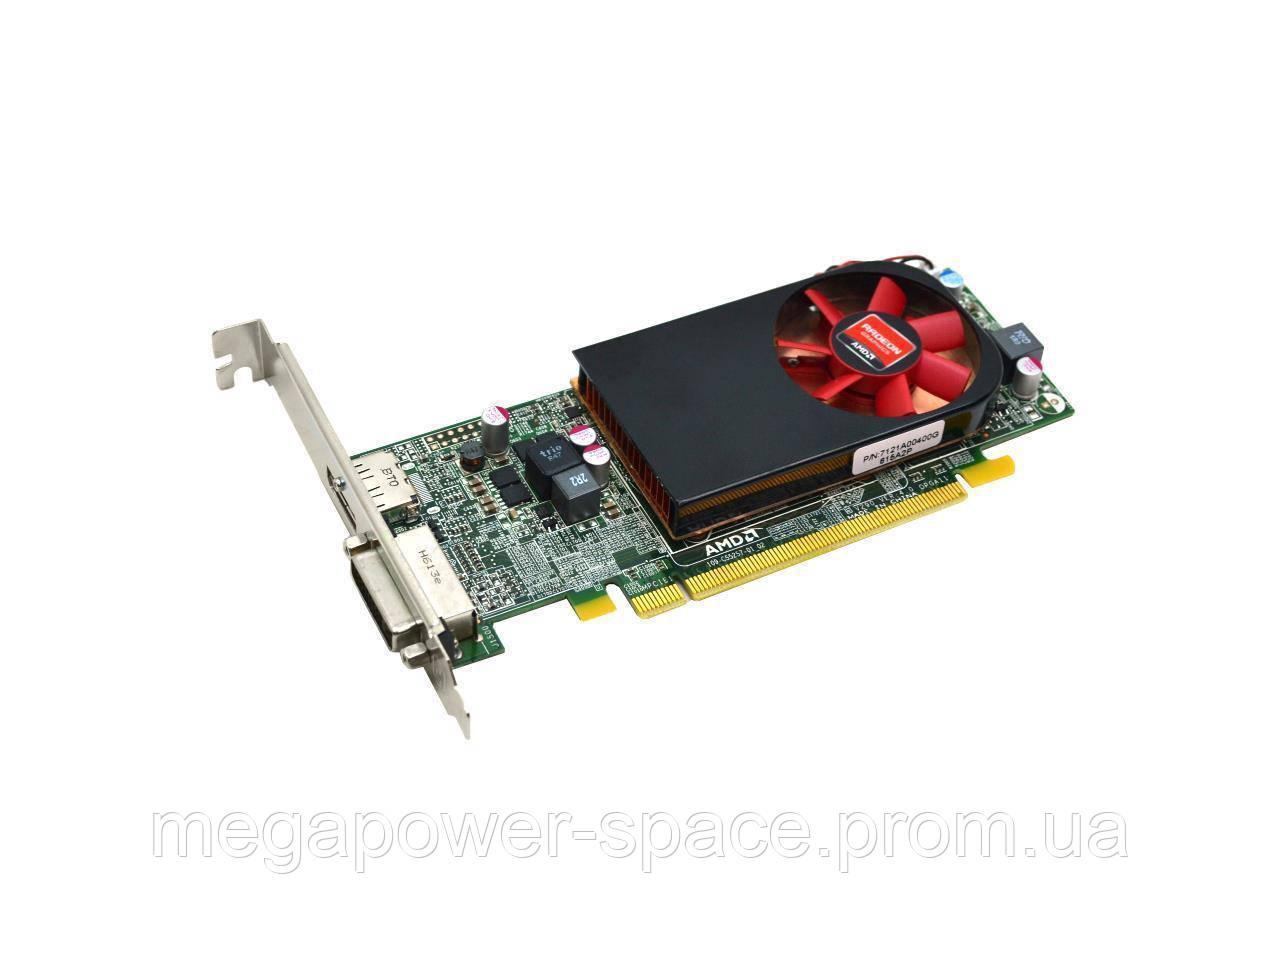 Видеокарта ATI Radeon R7 250 2GB DDR3, 128bit, PCI-E 3 0 Б/У